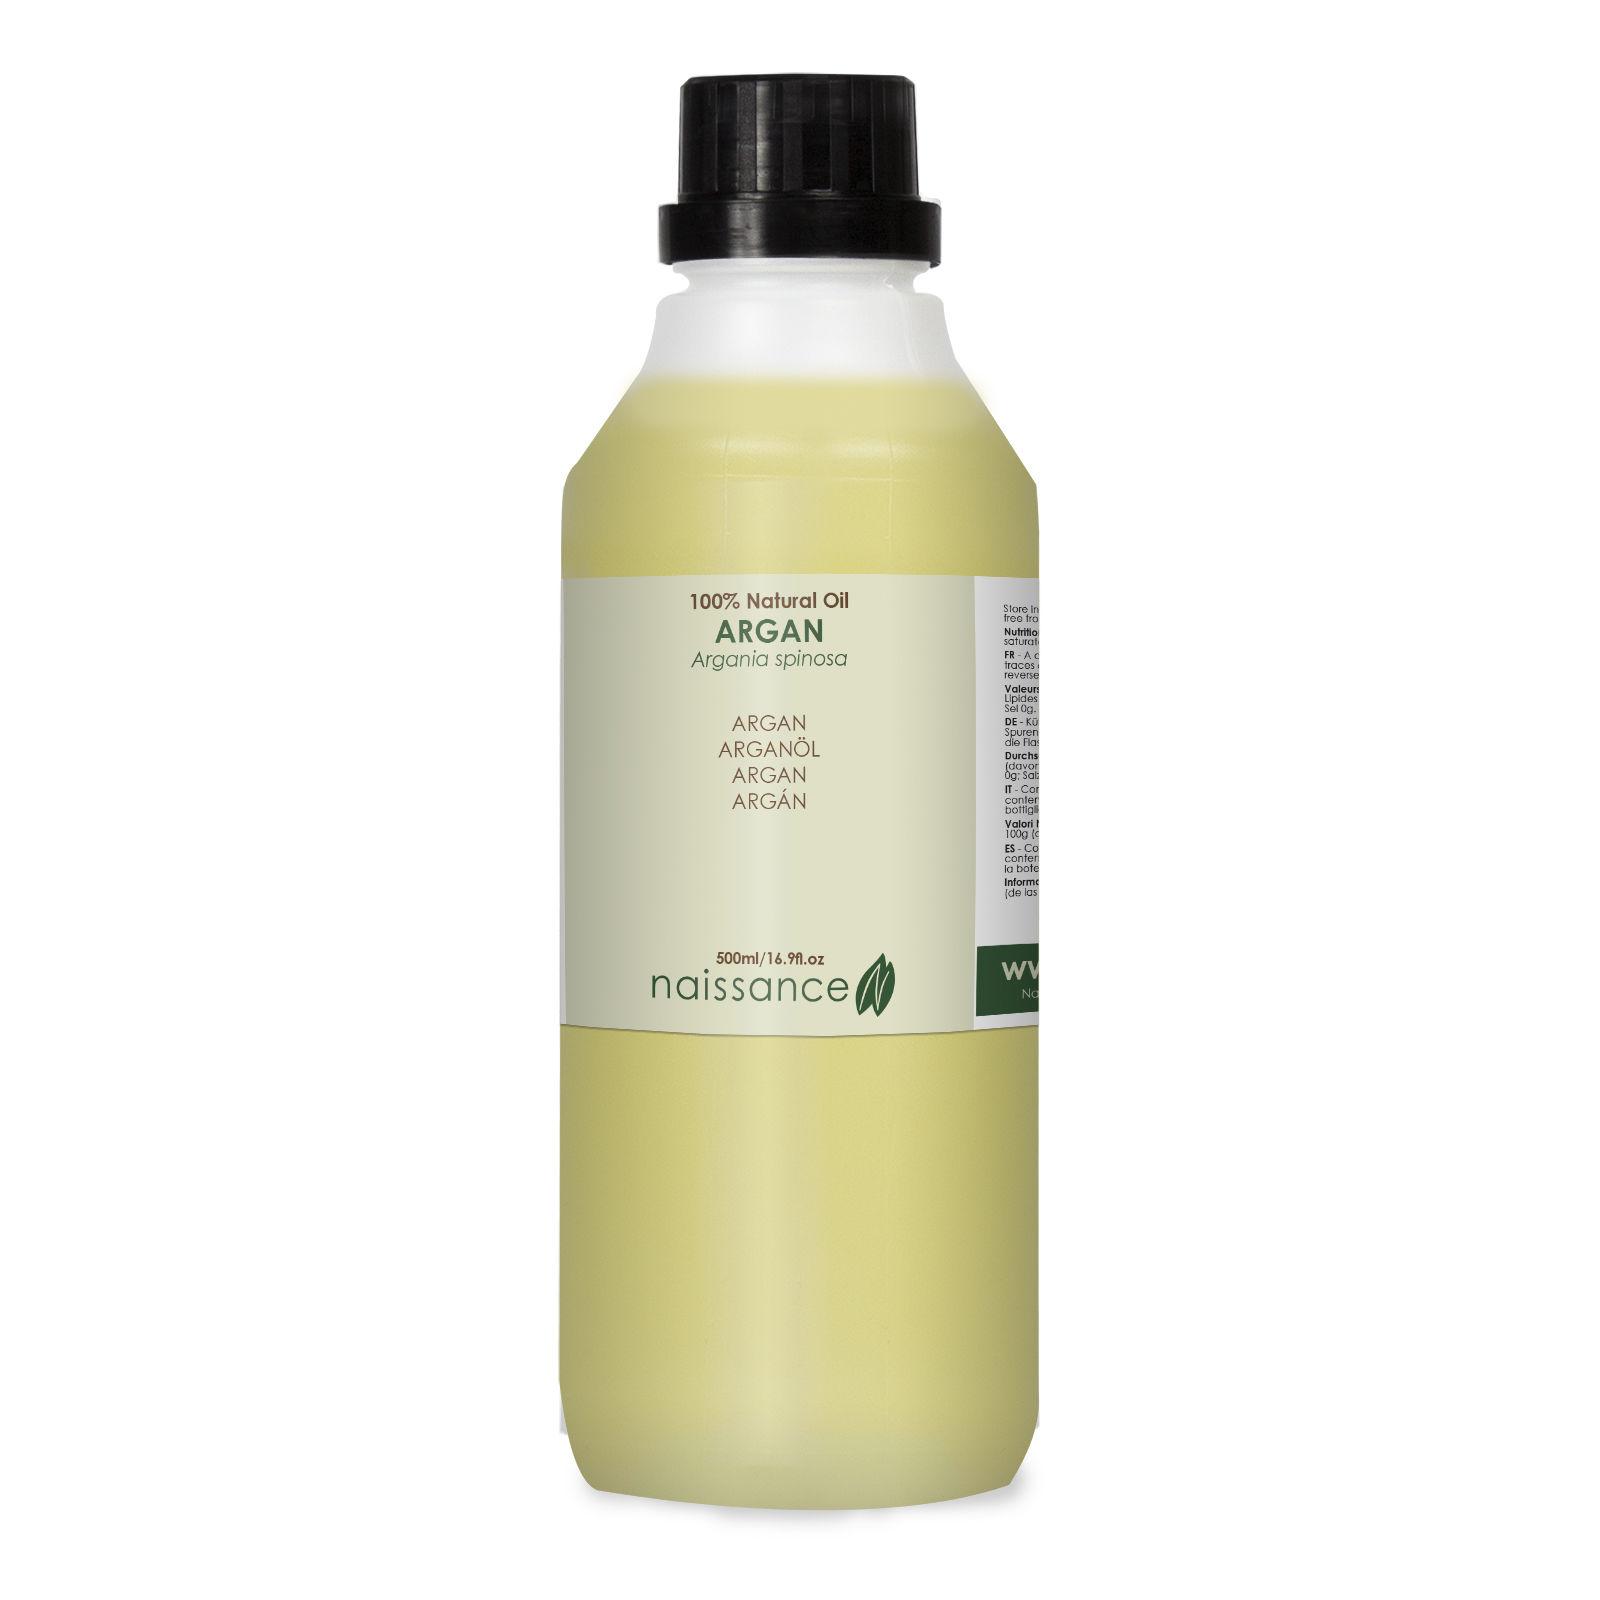 Naissance Arganöl - 500ml - 100% rein